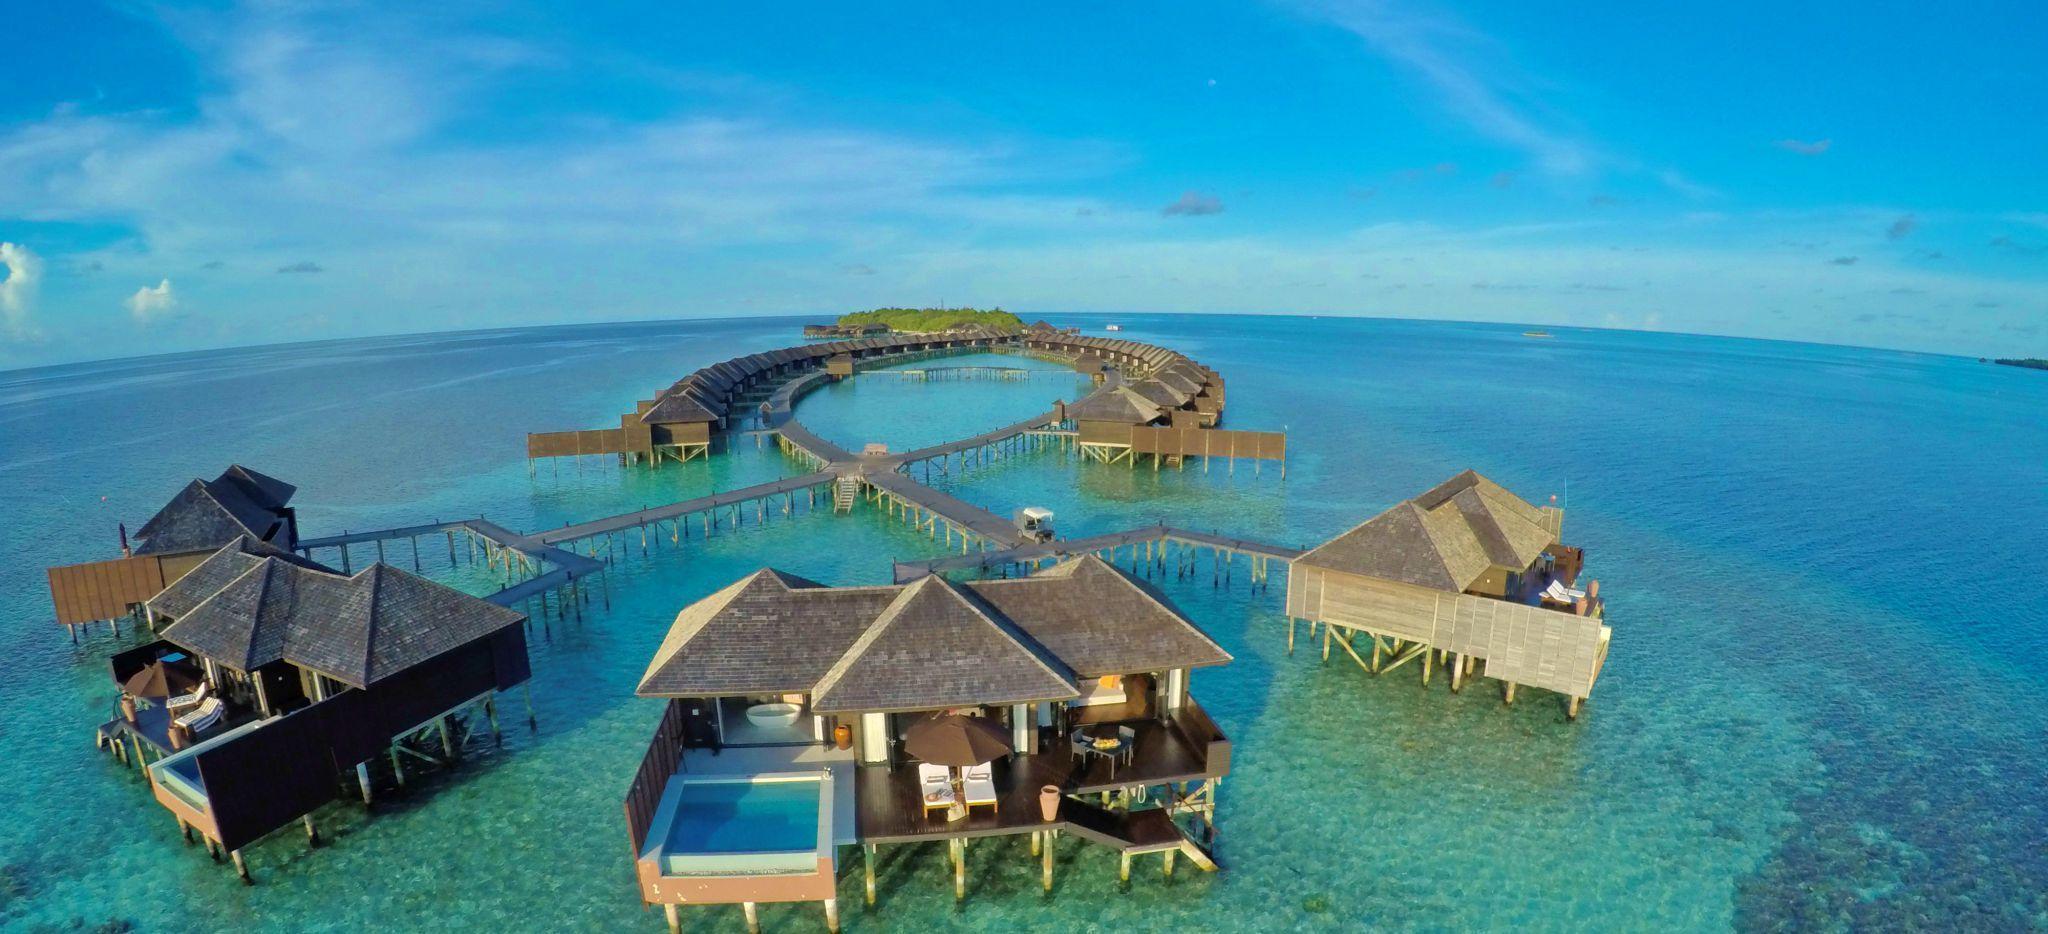 """Eine Reihe von Wasservillen der Malediveninsel """"Lily Beach"""""""